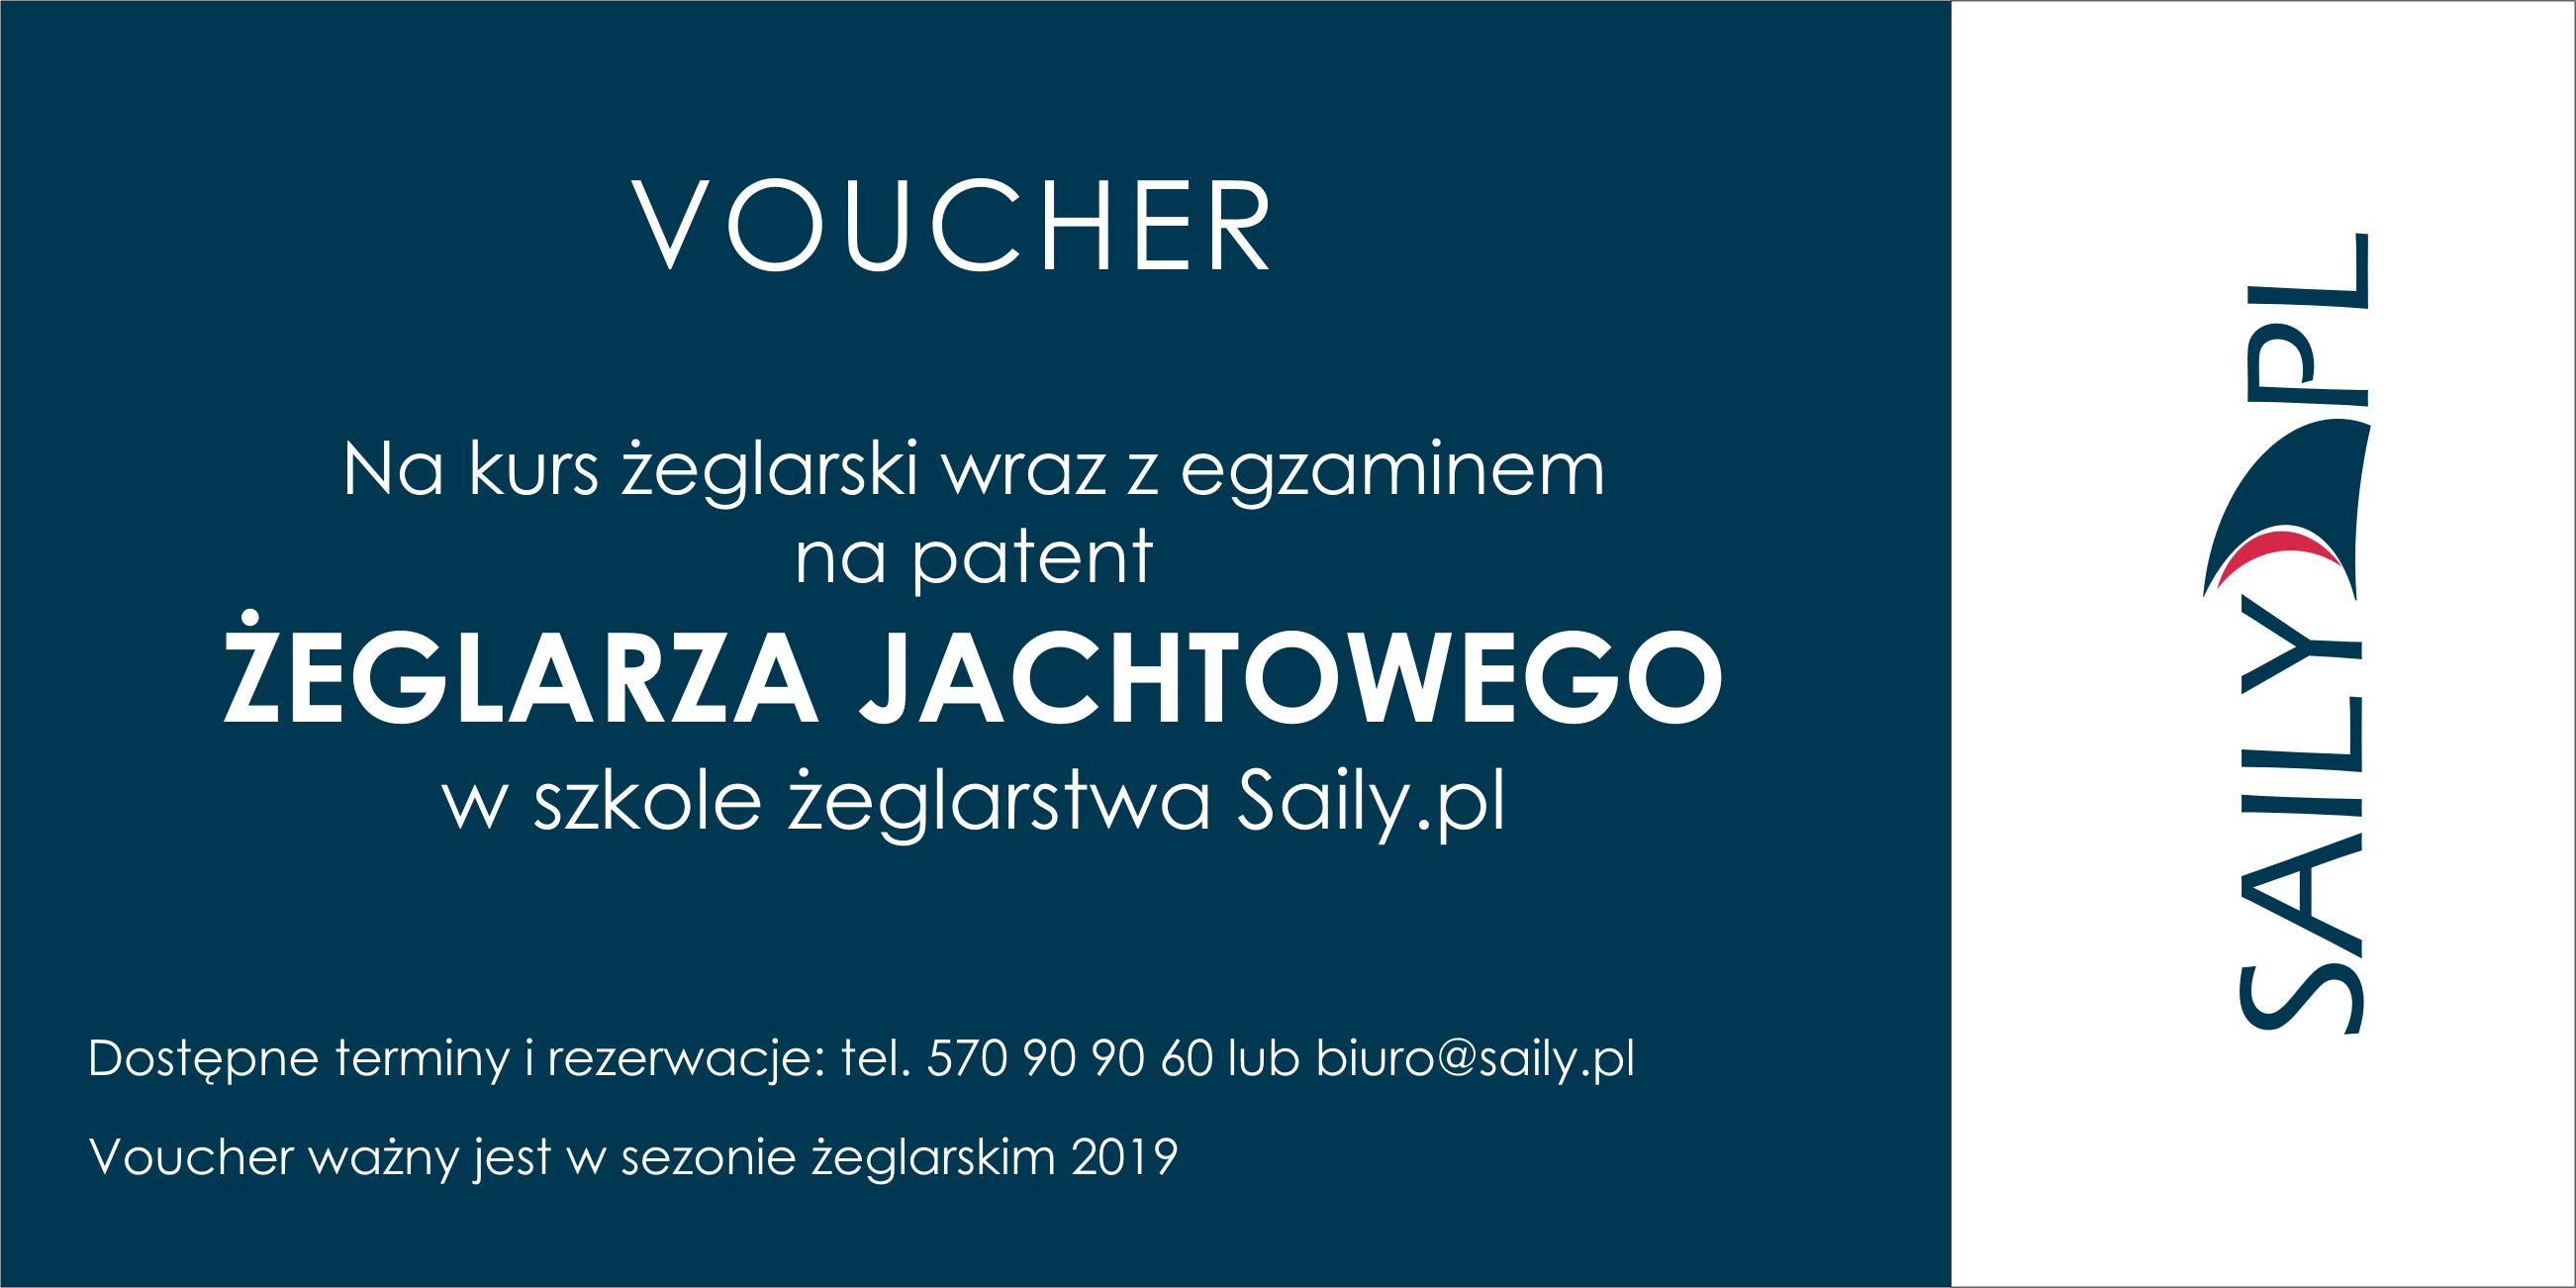 voucher_back_zeglarz